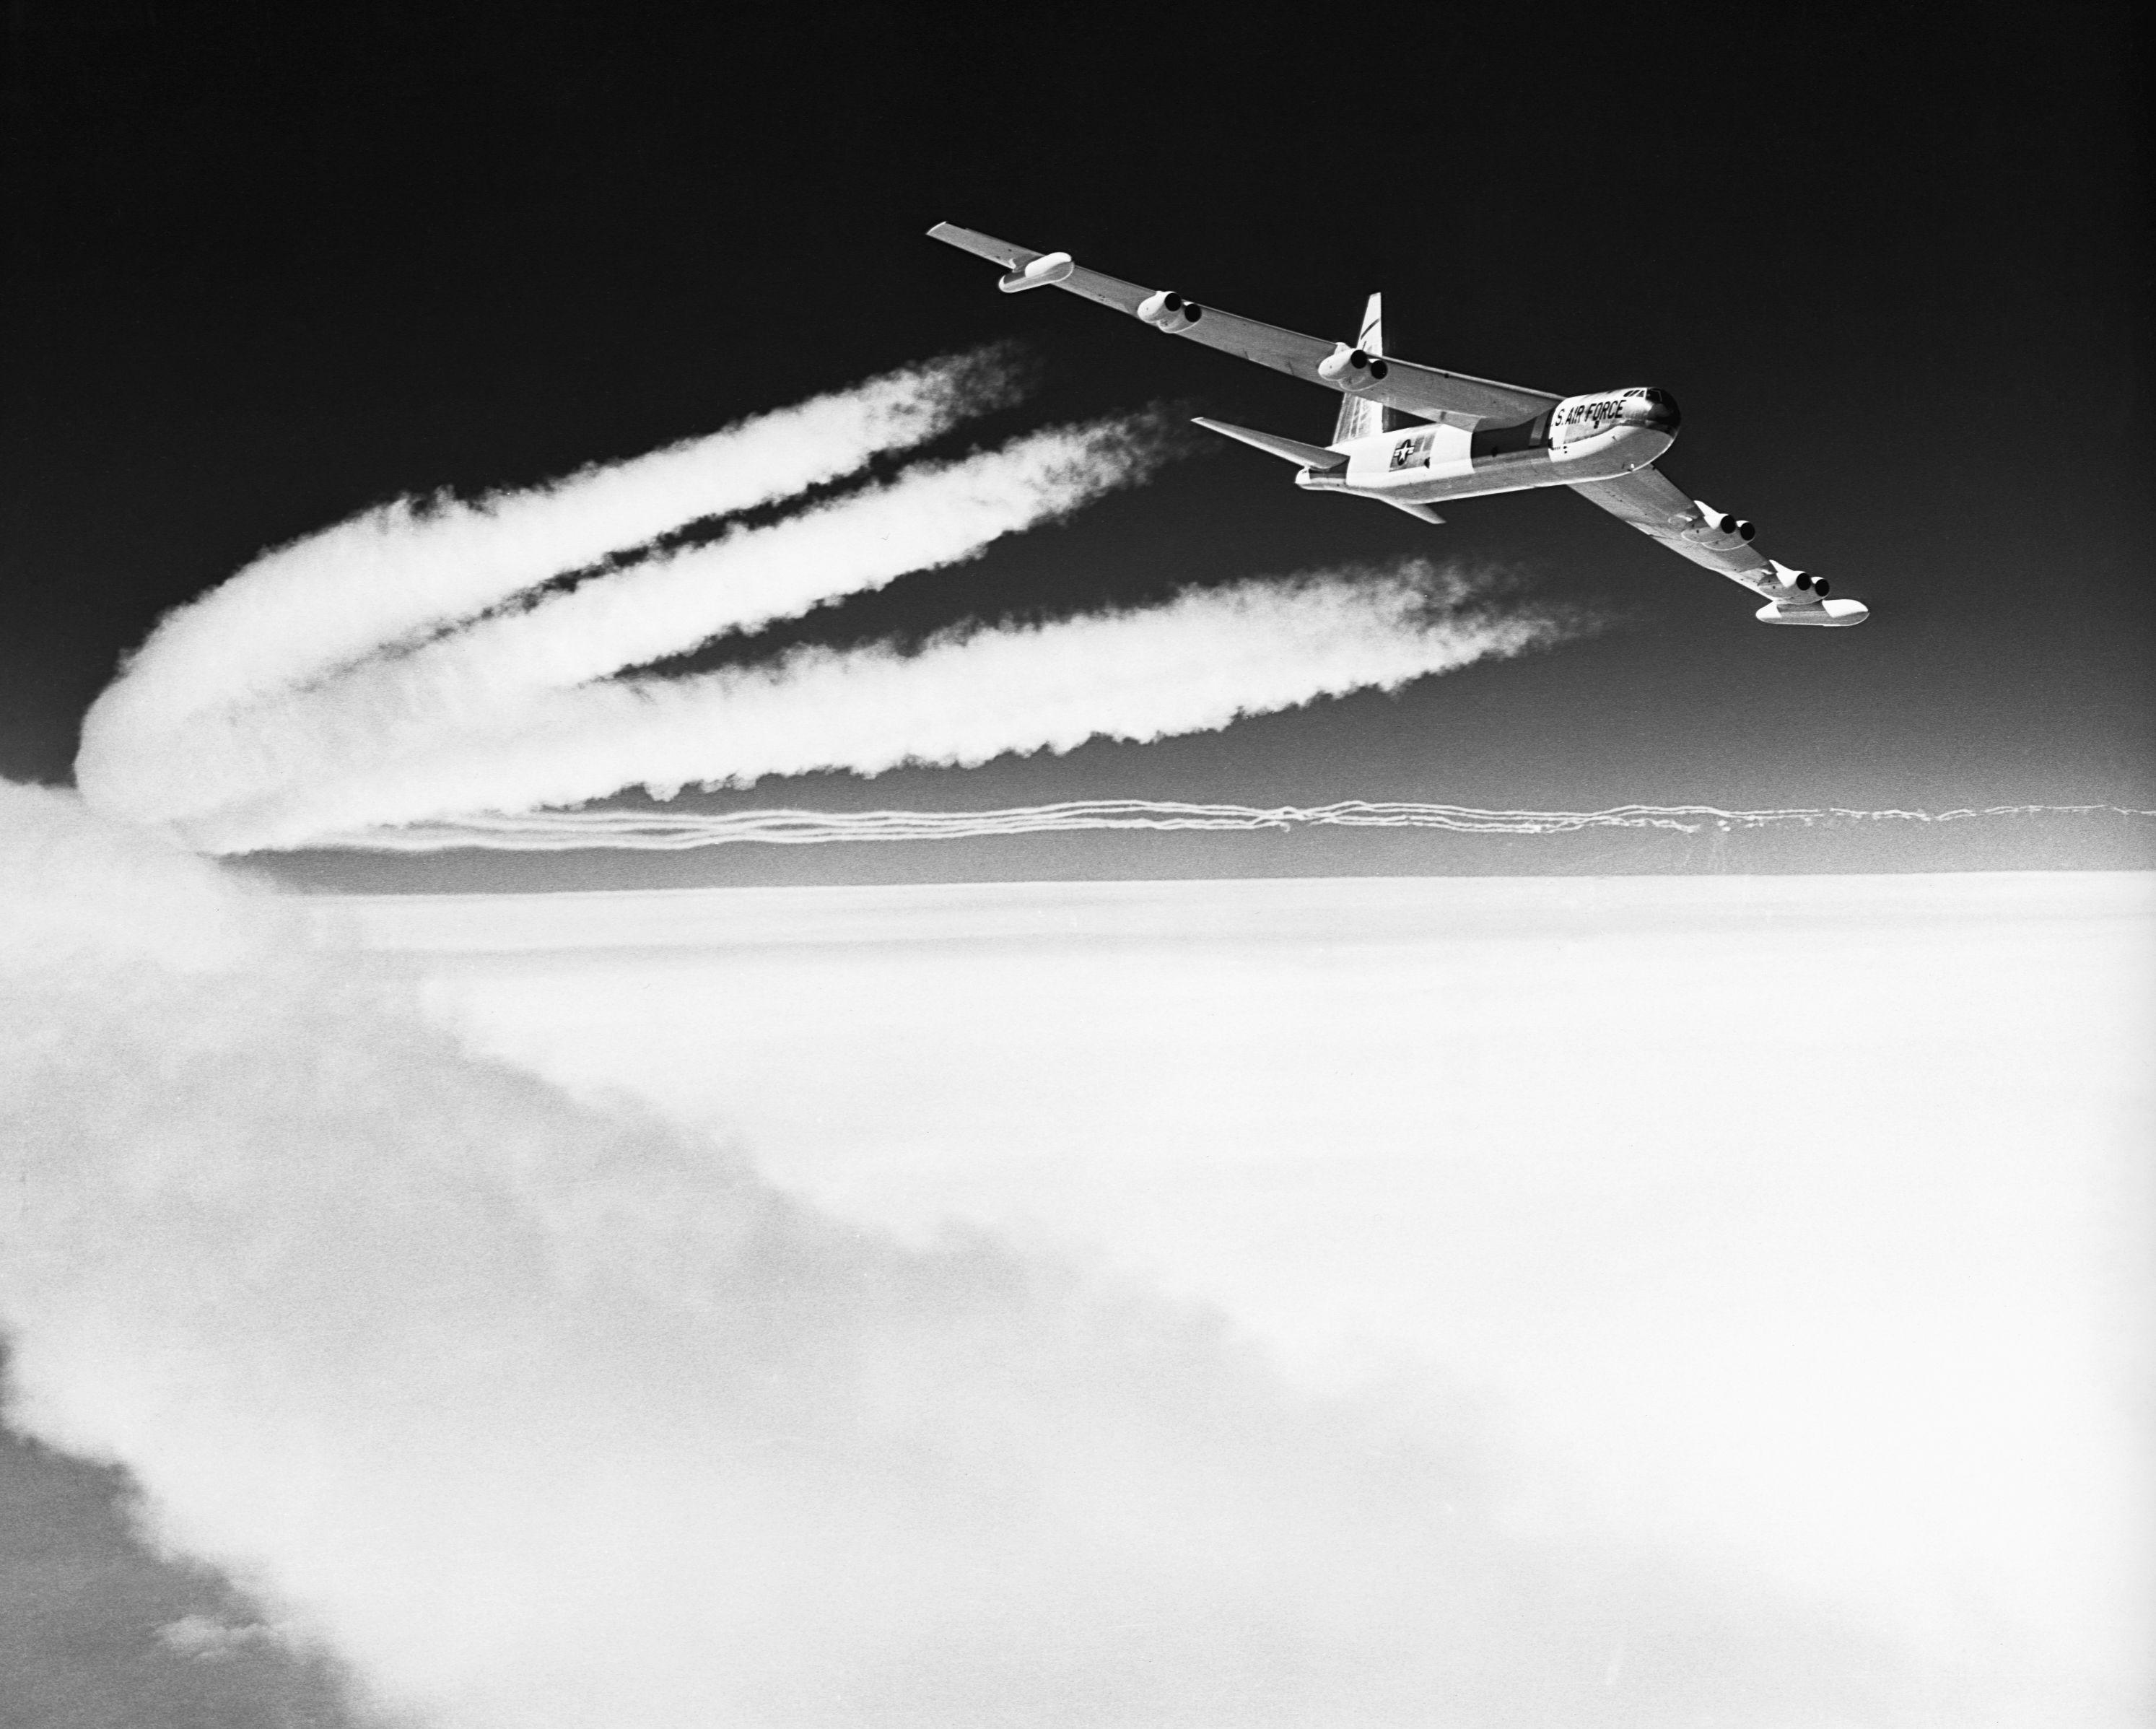 Bombardeiro Boeing B-52 em voo com esteiras